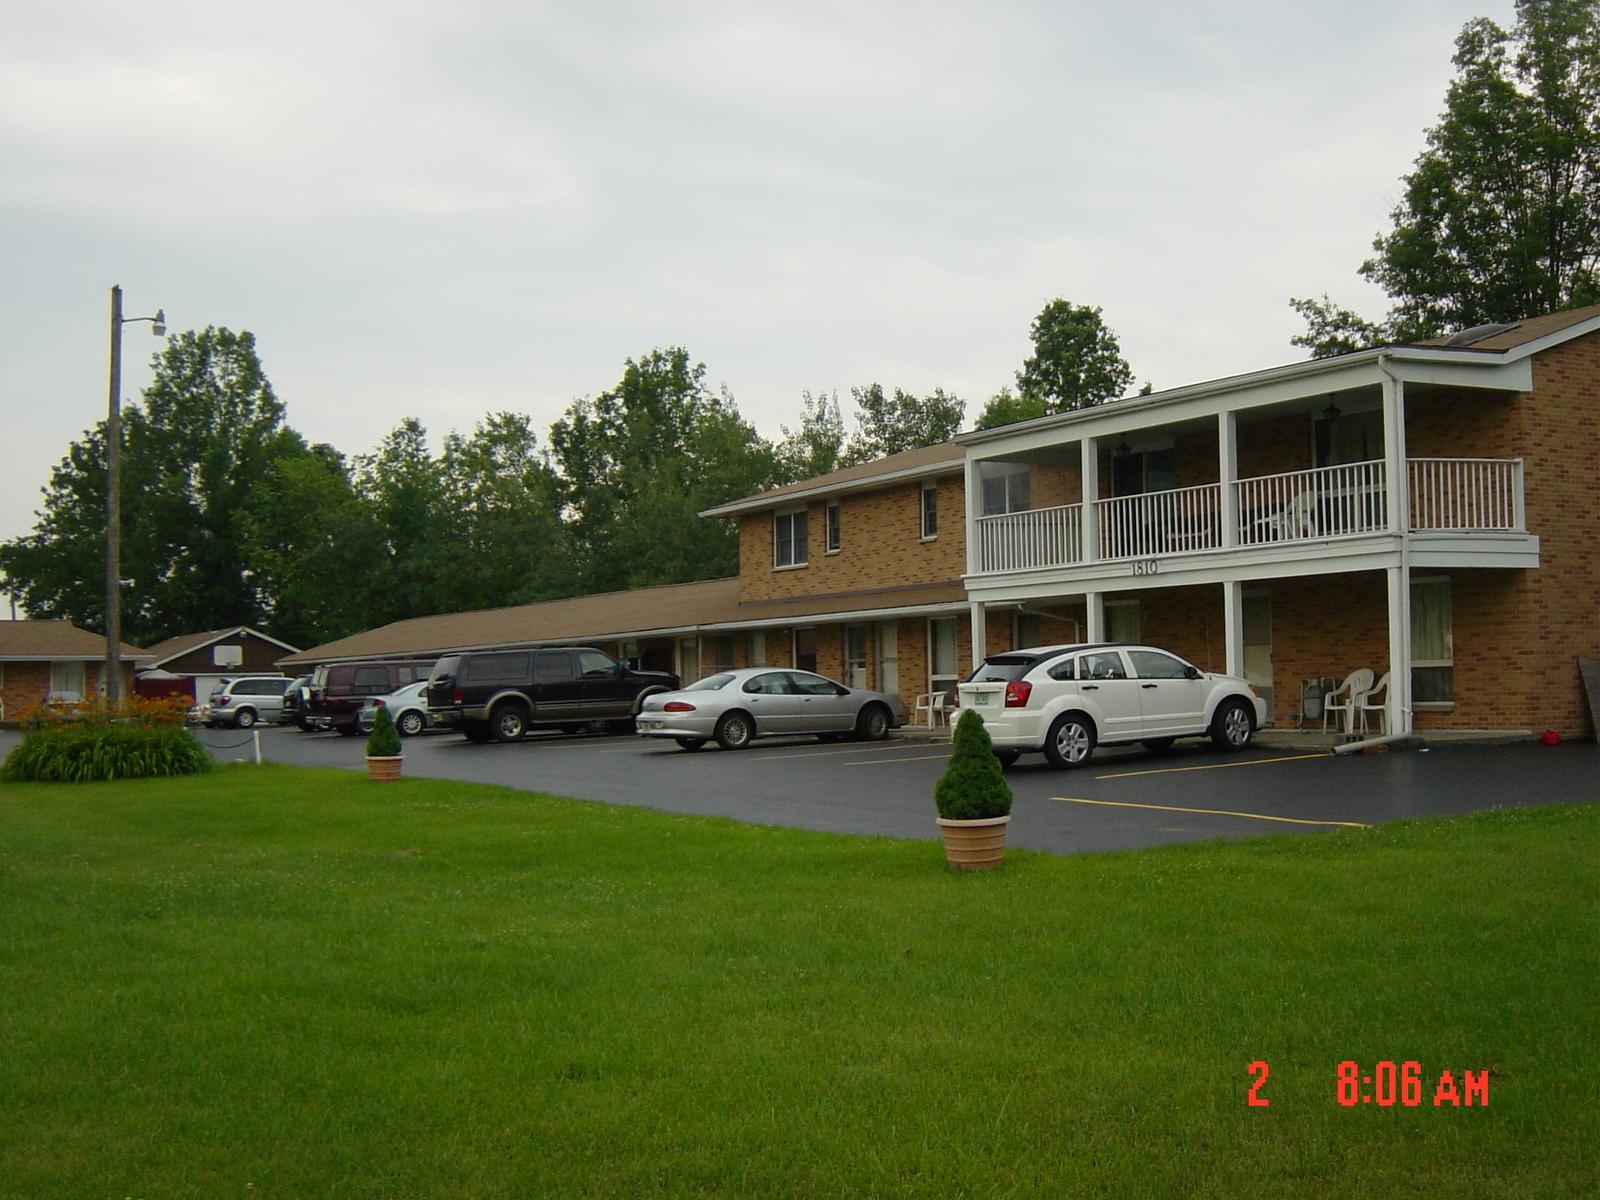 Chateau Motel Affordable Hotel Lodging Niagara Falls